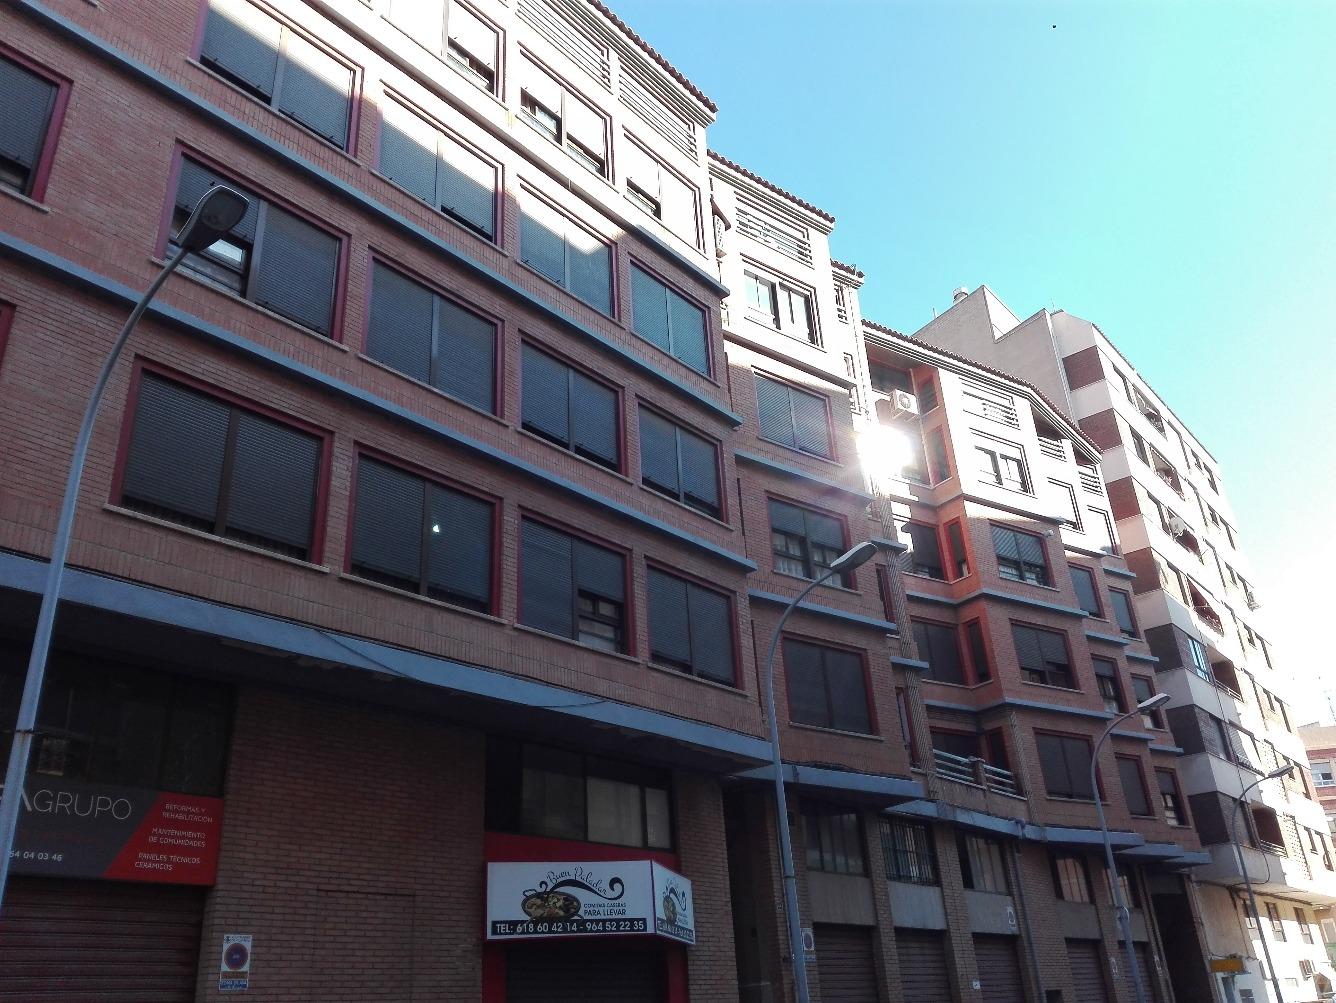 Piso en venta  en Calle PADRE LLUIS MARIA LLOP, Vila-real